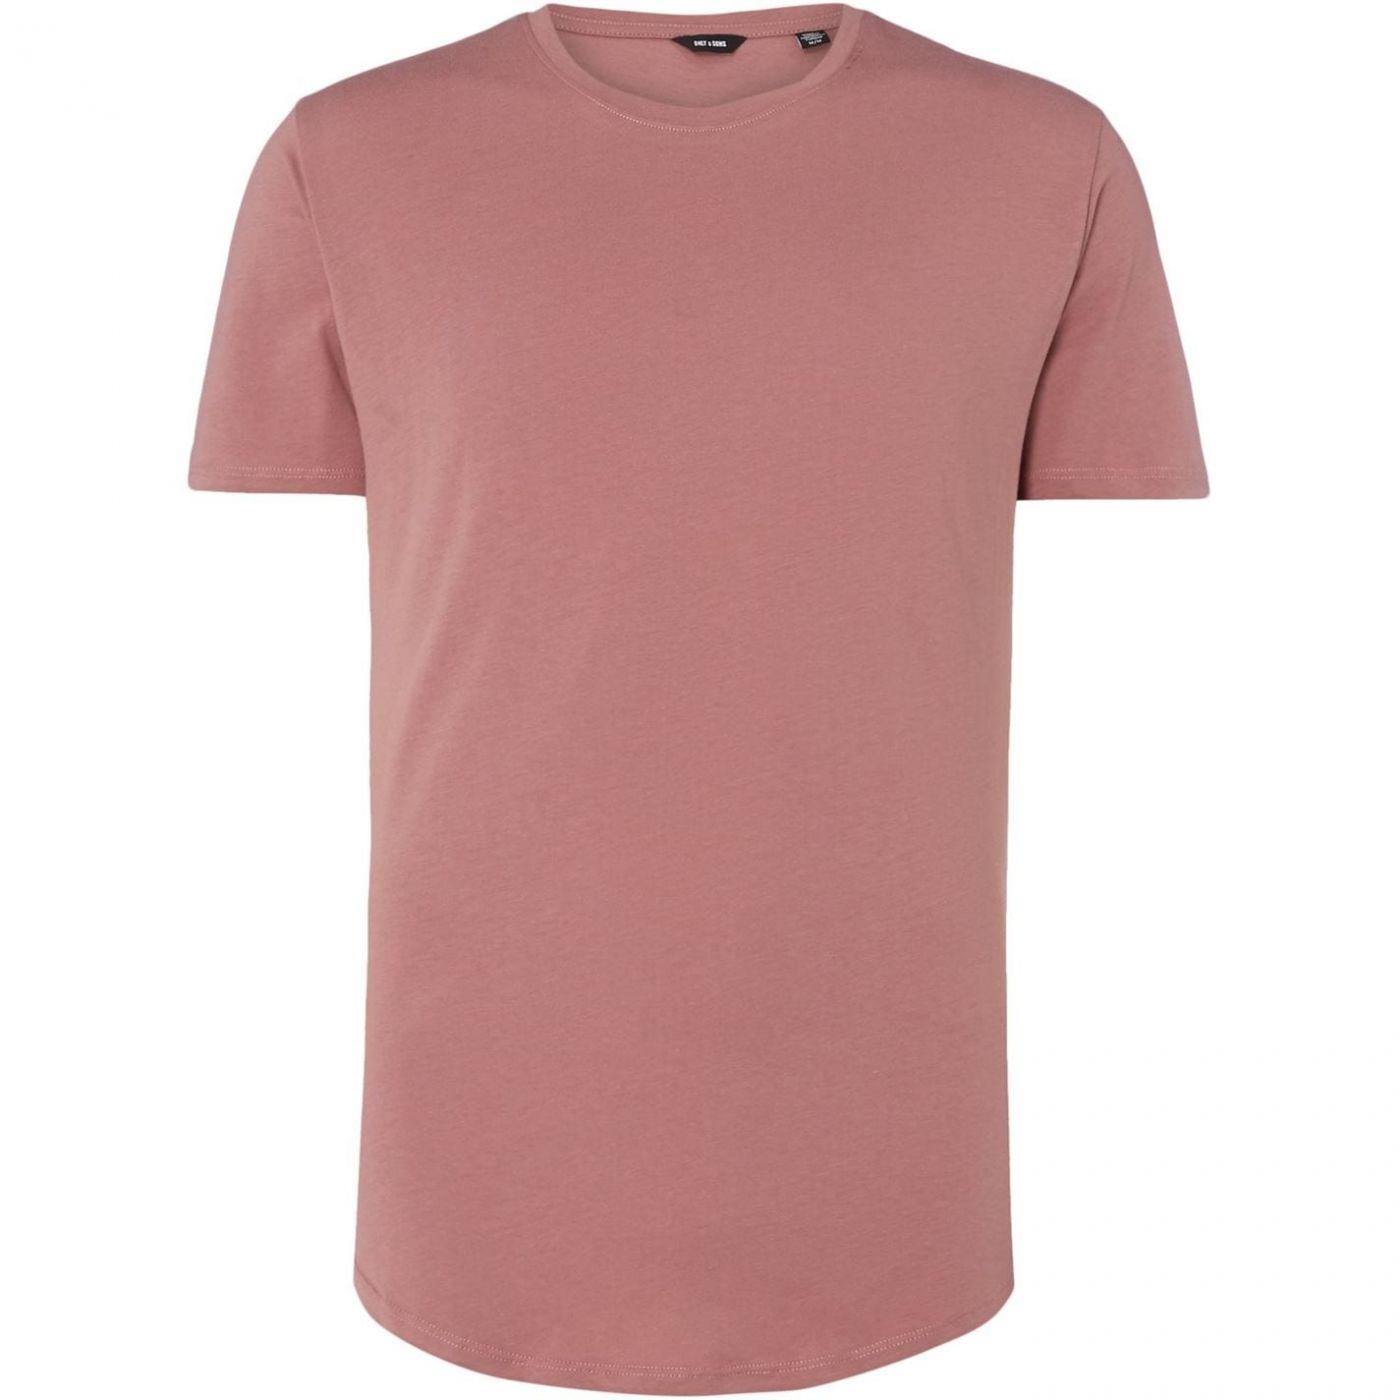 Only and Sons Matt Long Line T-Shirt